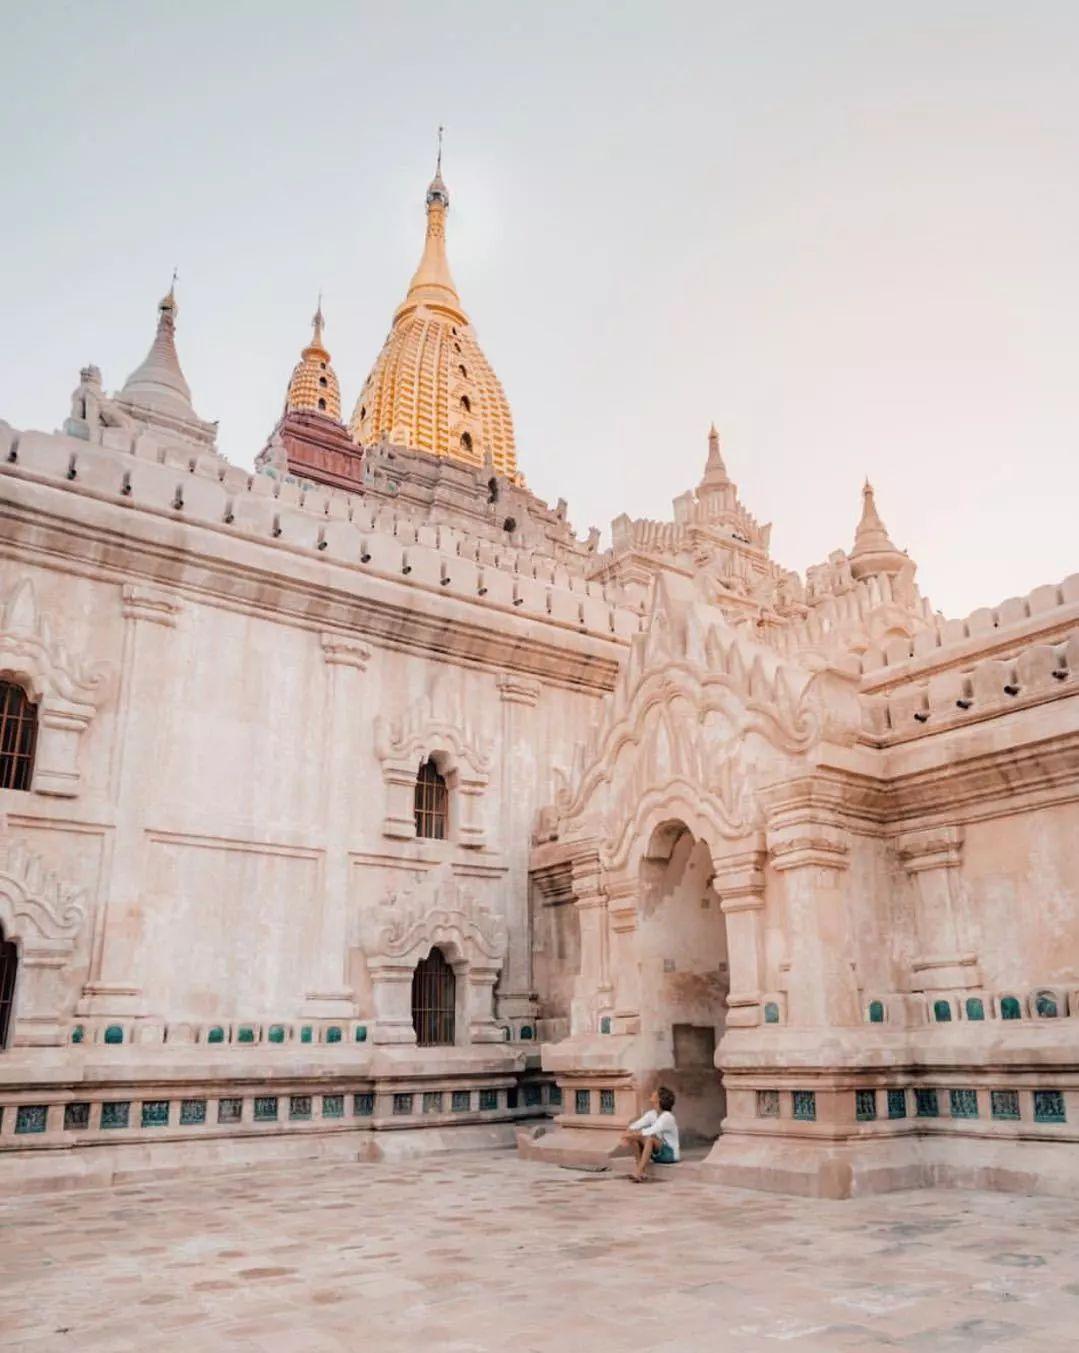 缅甸10月1日重启落地签 去佛塔之国来一场佛系静心之旅!